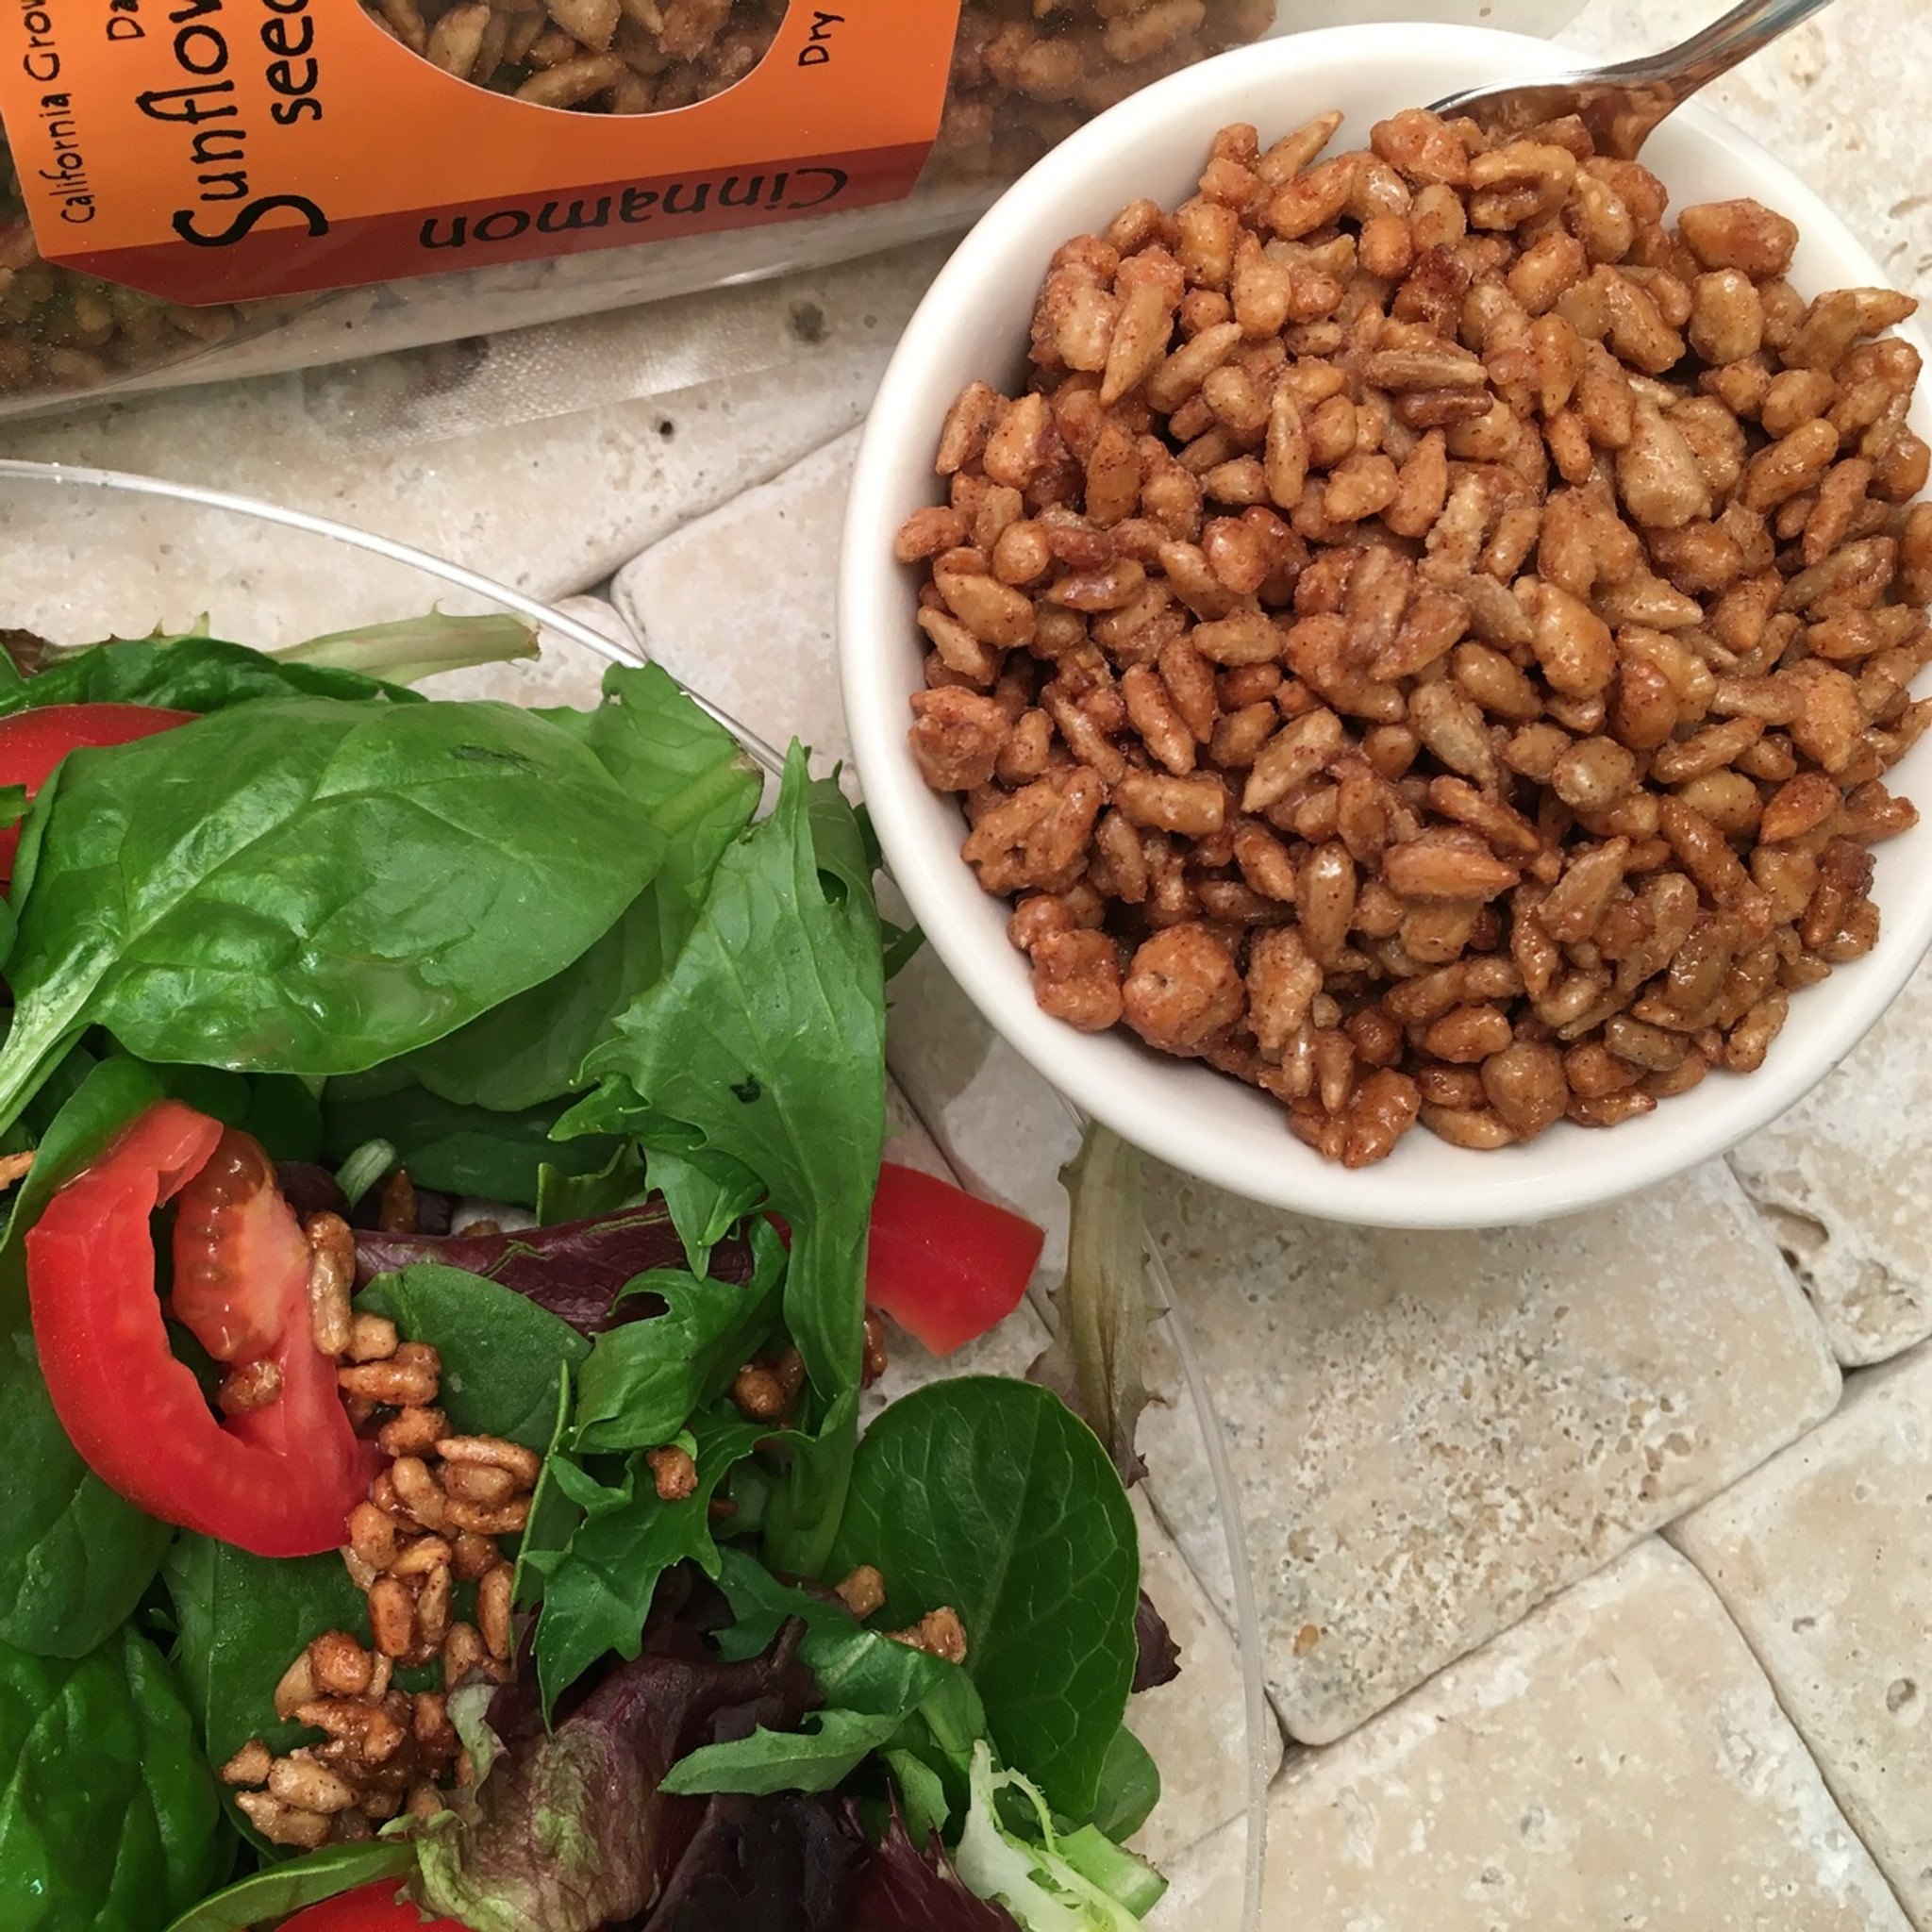 Cinnamon Sunflower Seeds